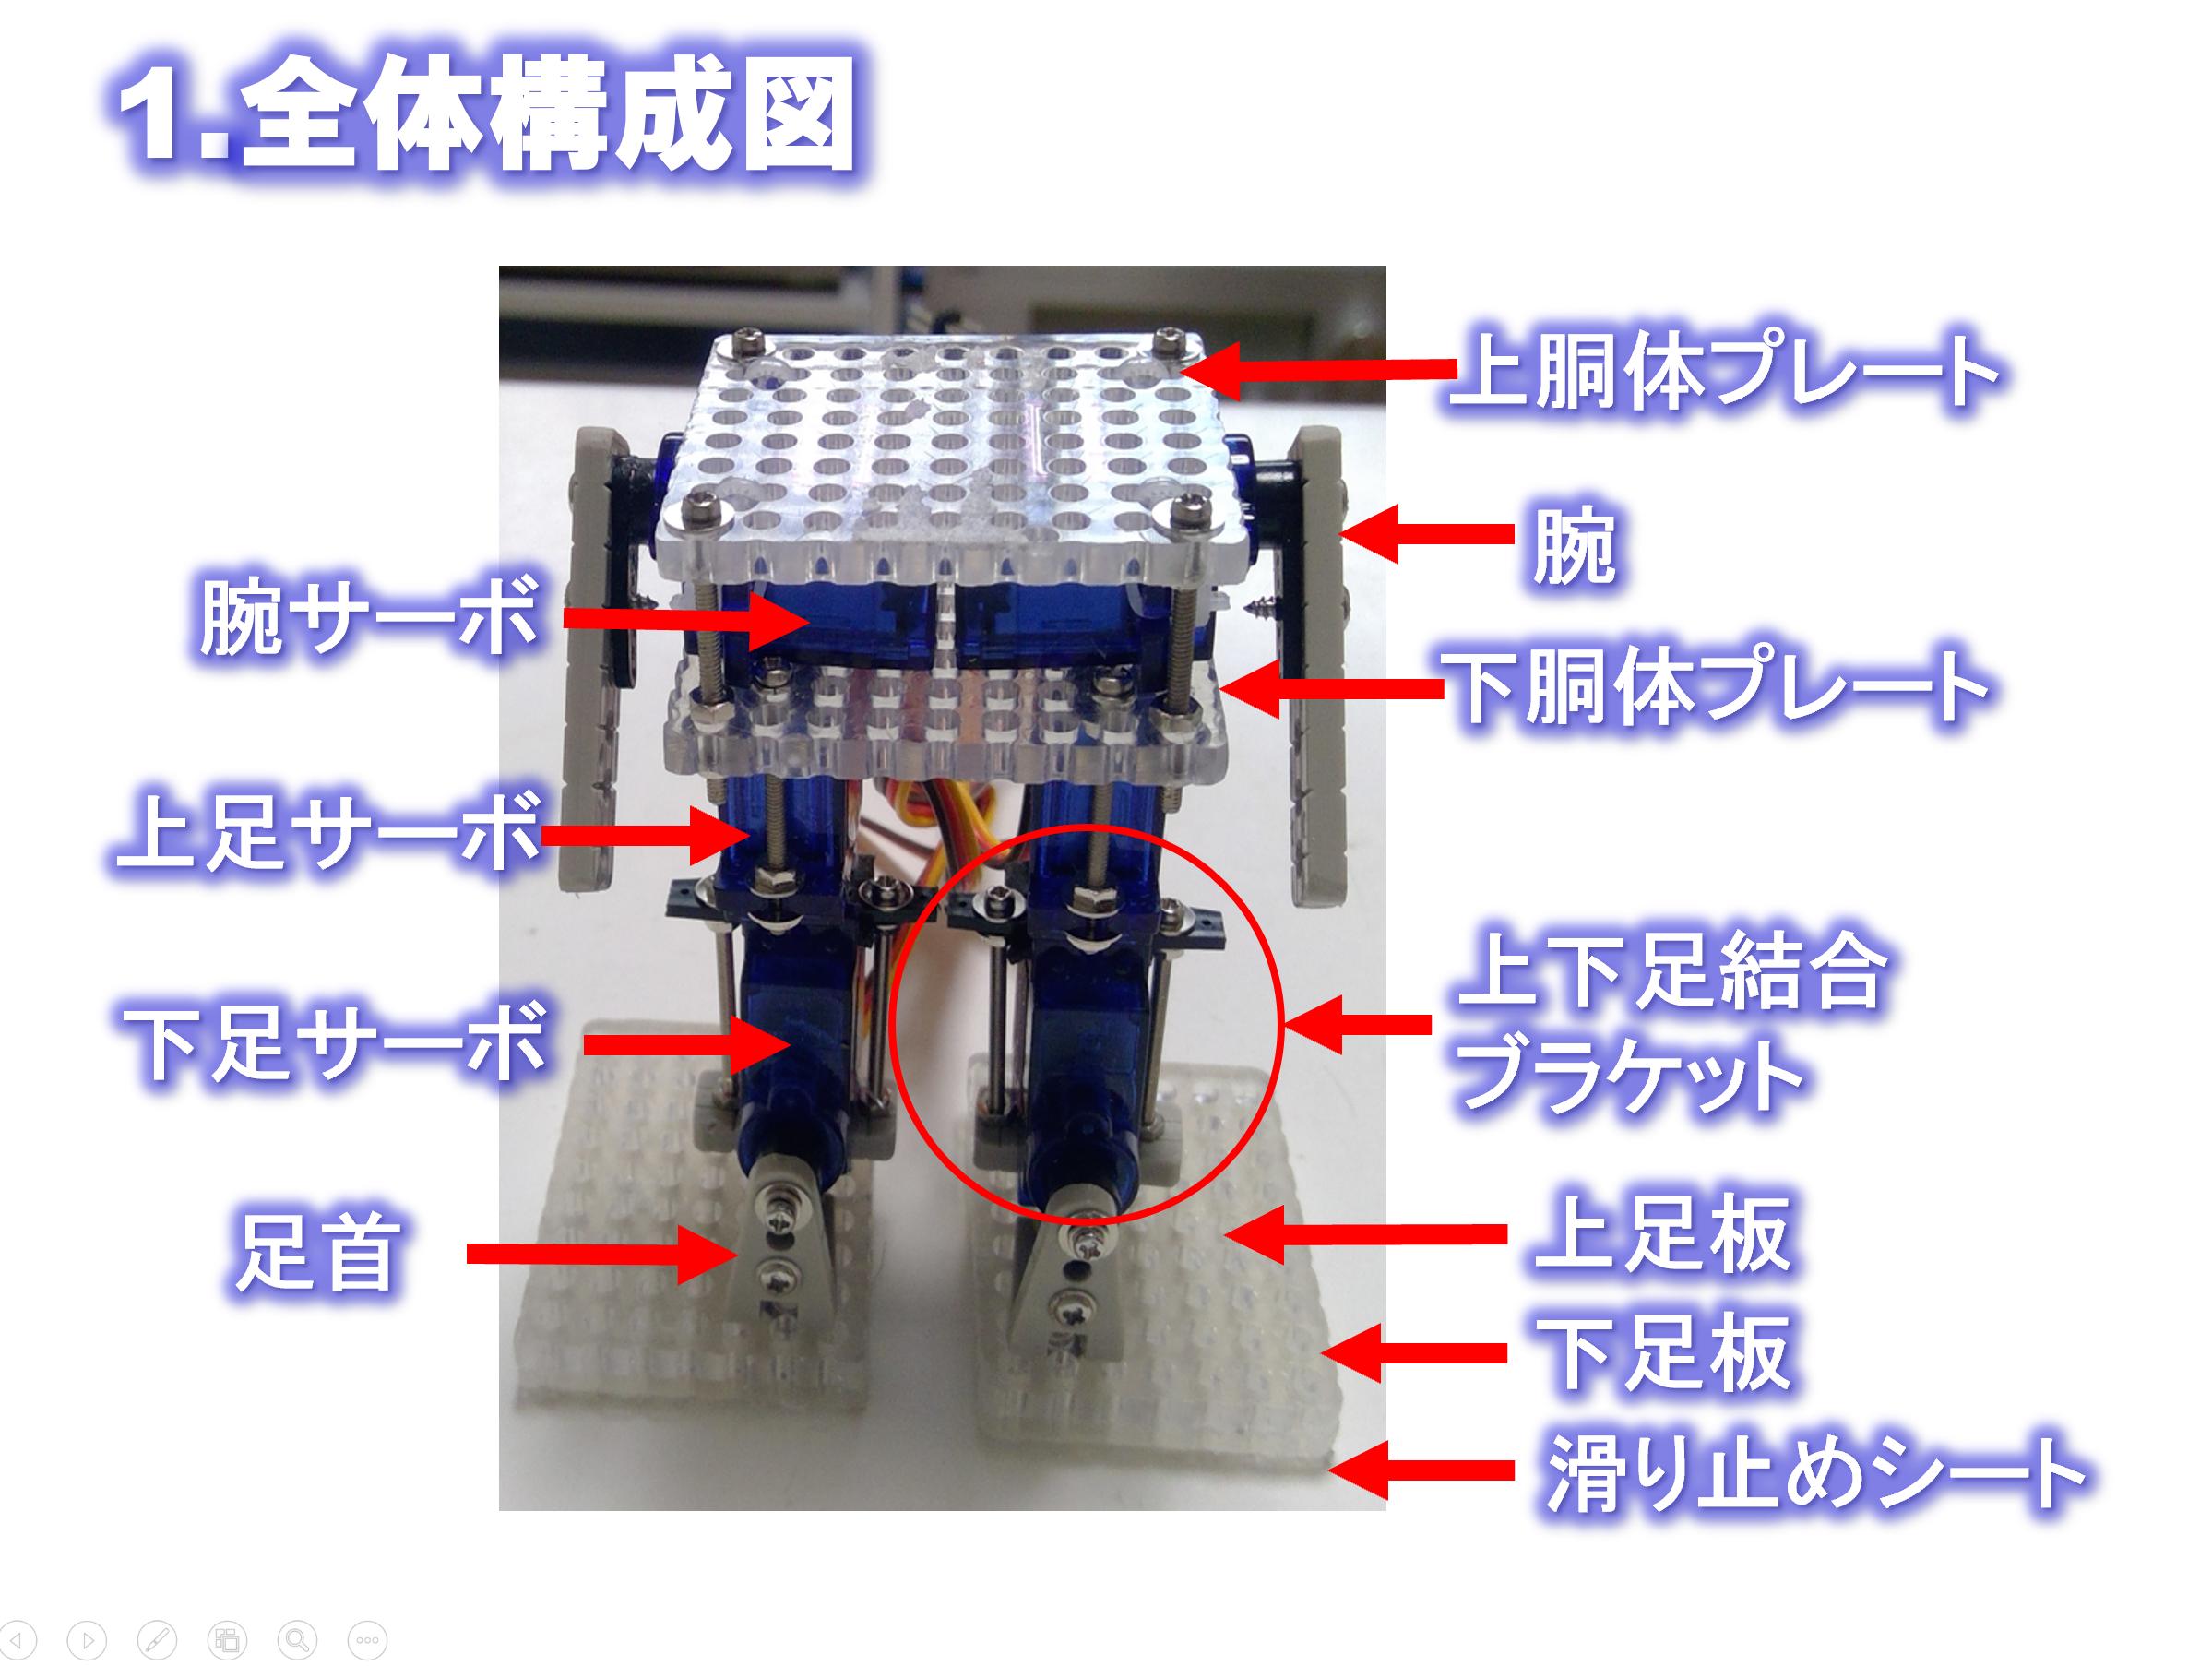 組み立て 2足歩行ロボット-1.png